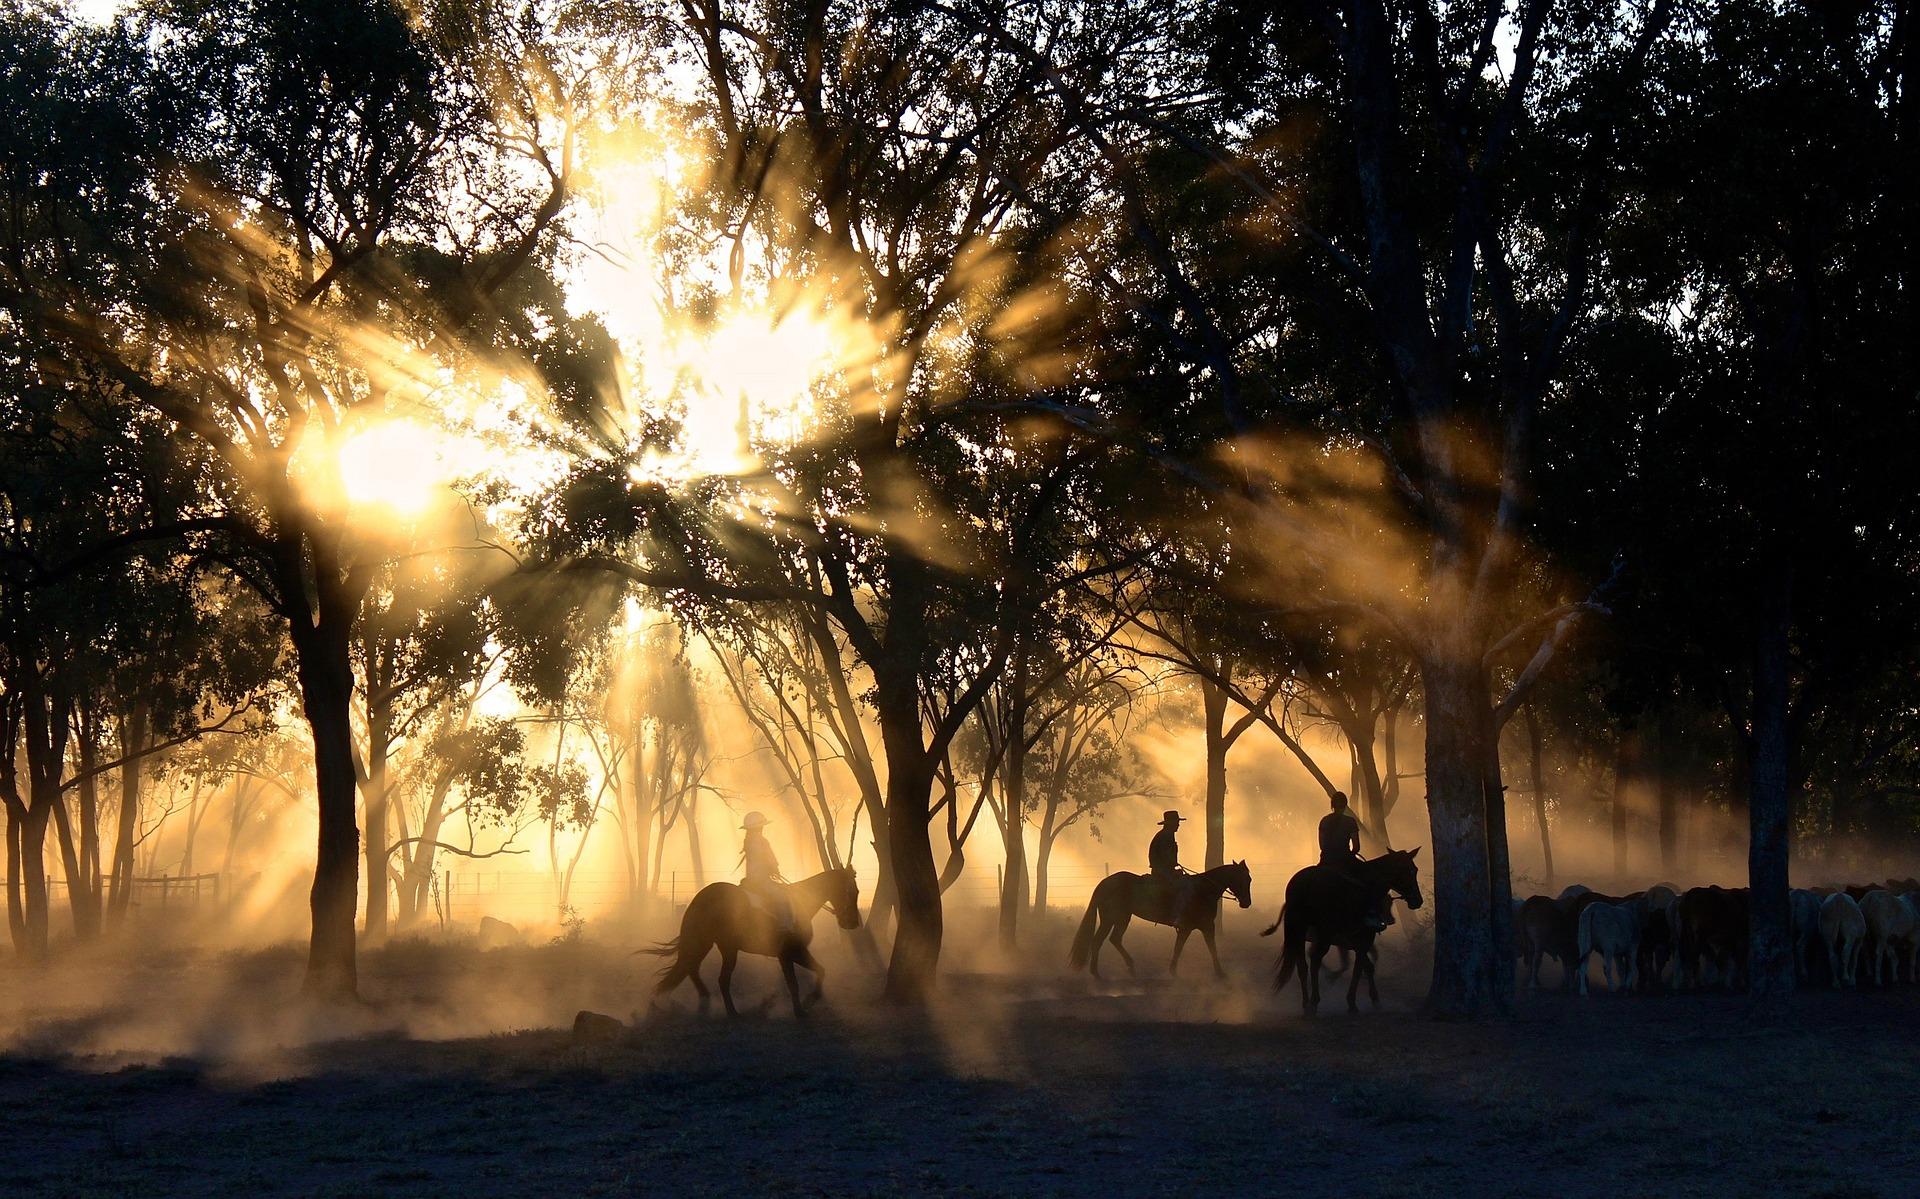 馬と自然と人